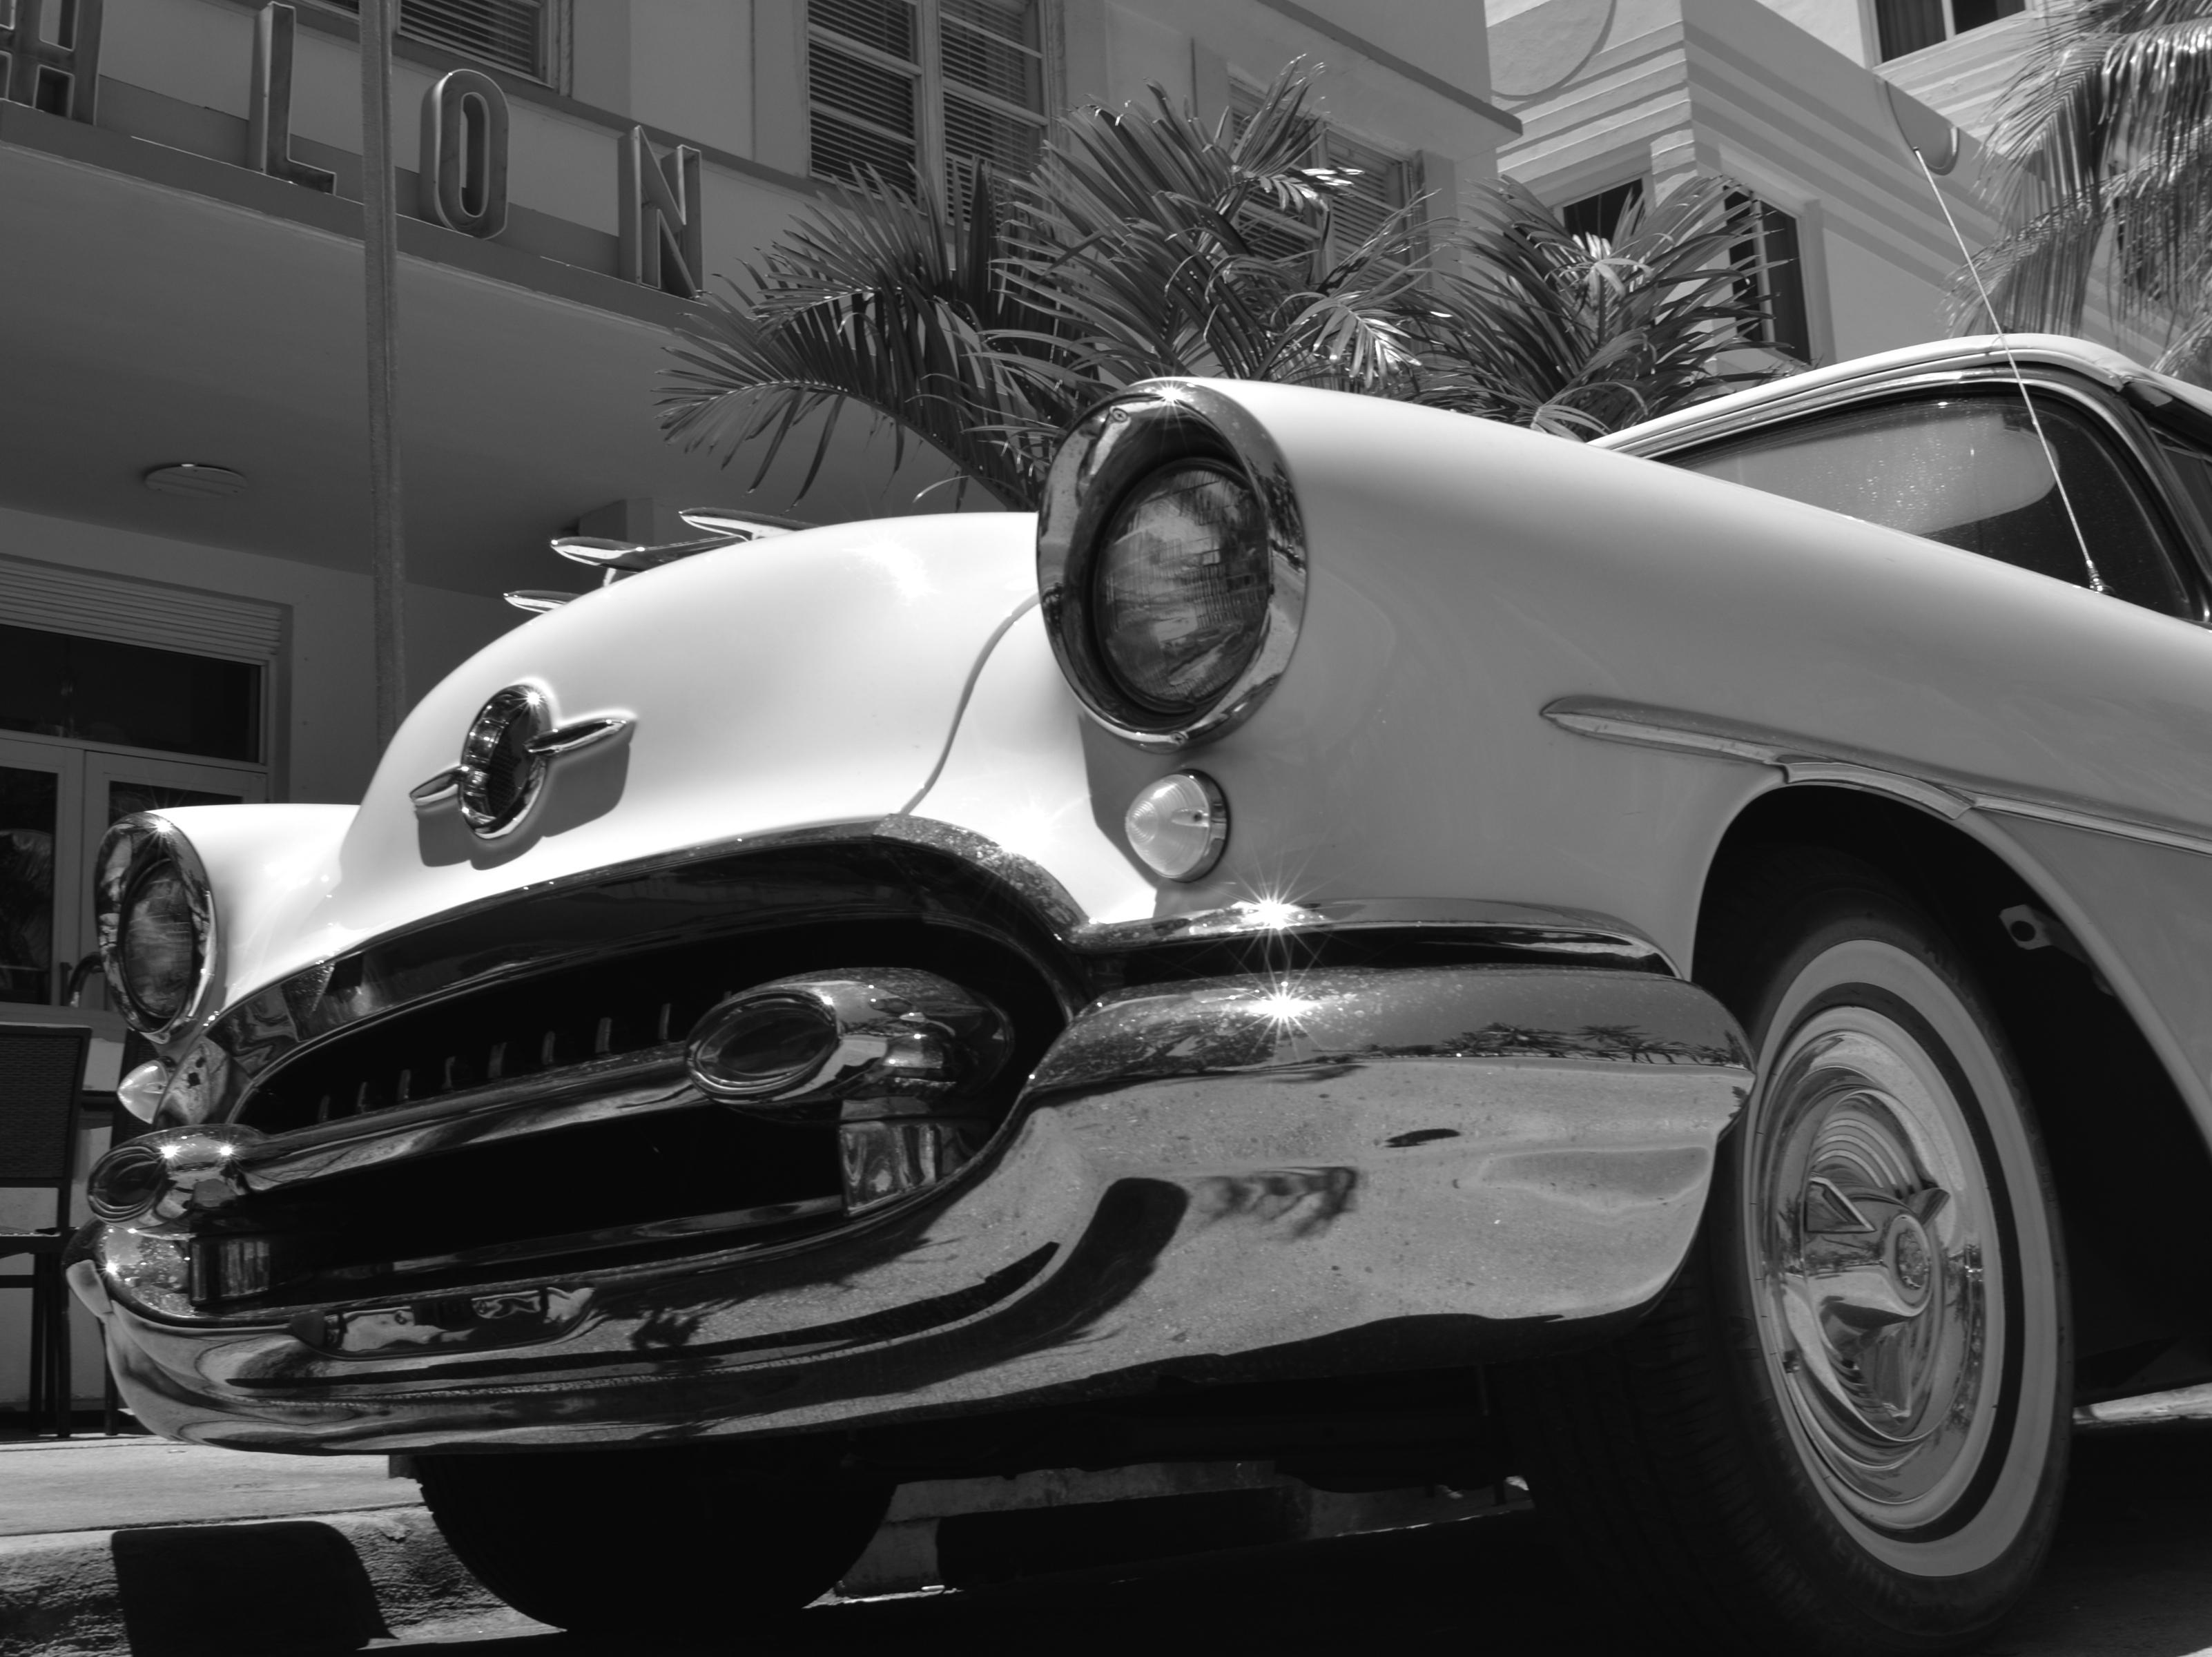 File:South Beach Miami Classic Car by D Ramey Logan.jpg ...